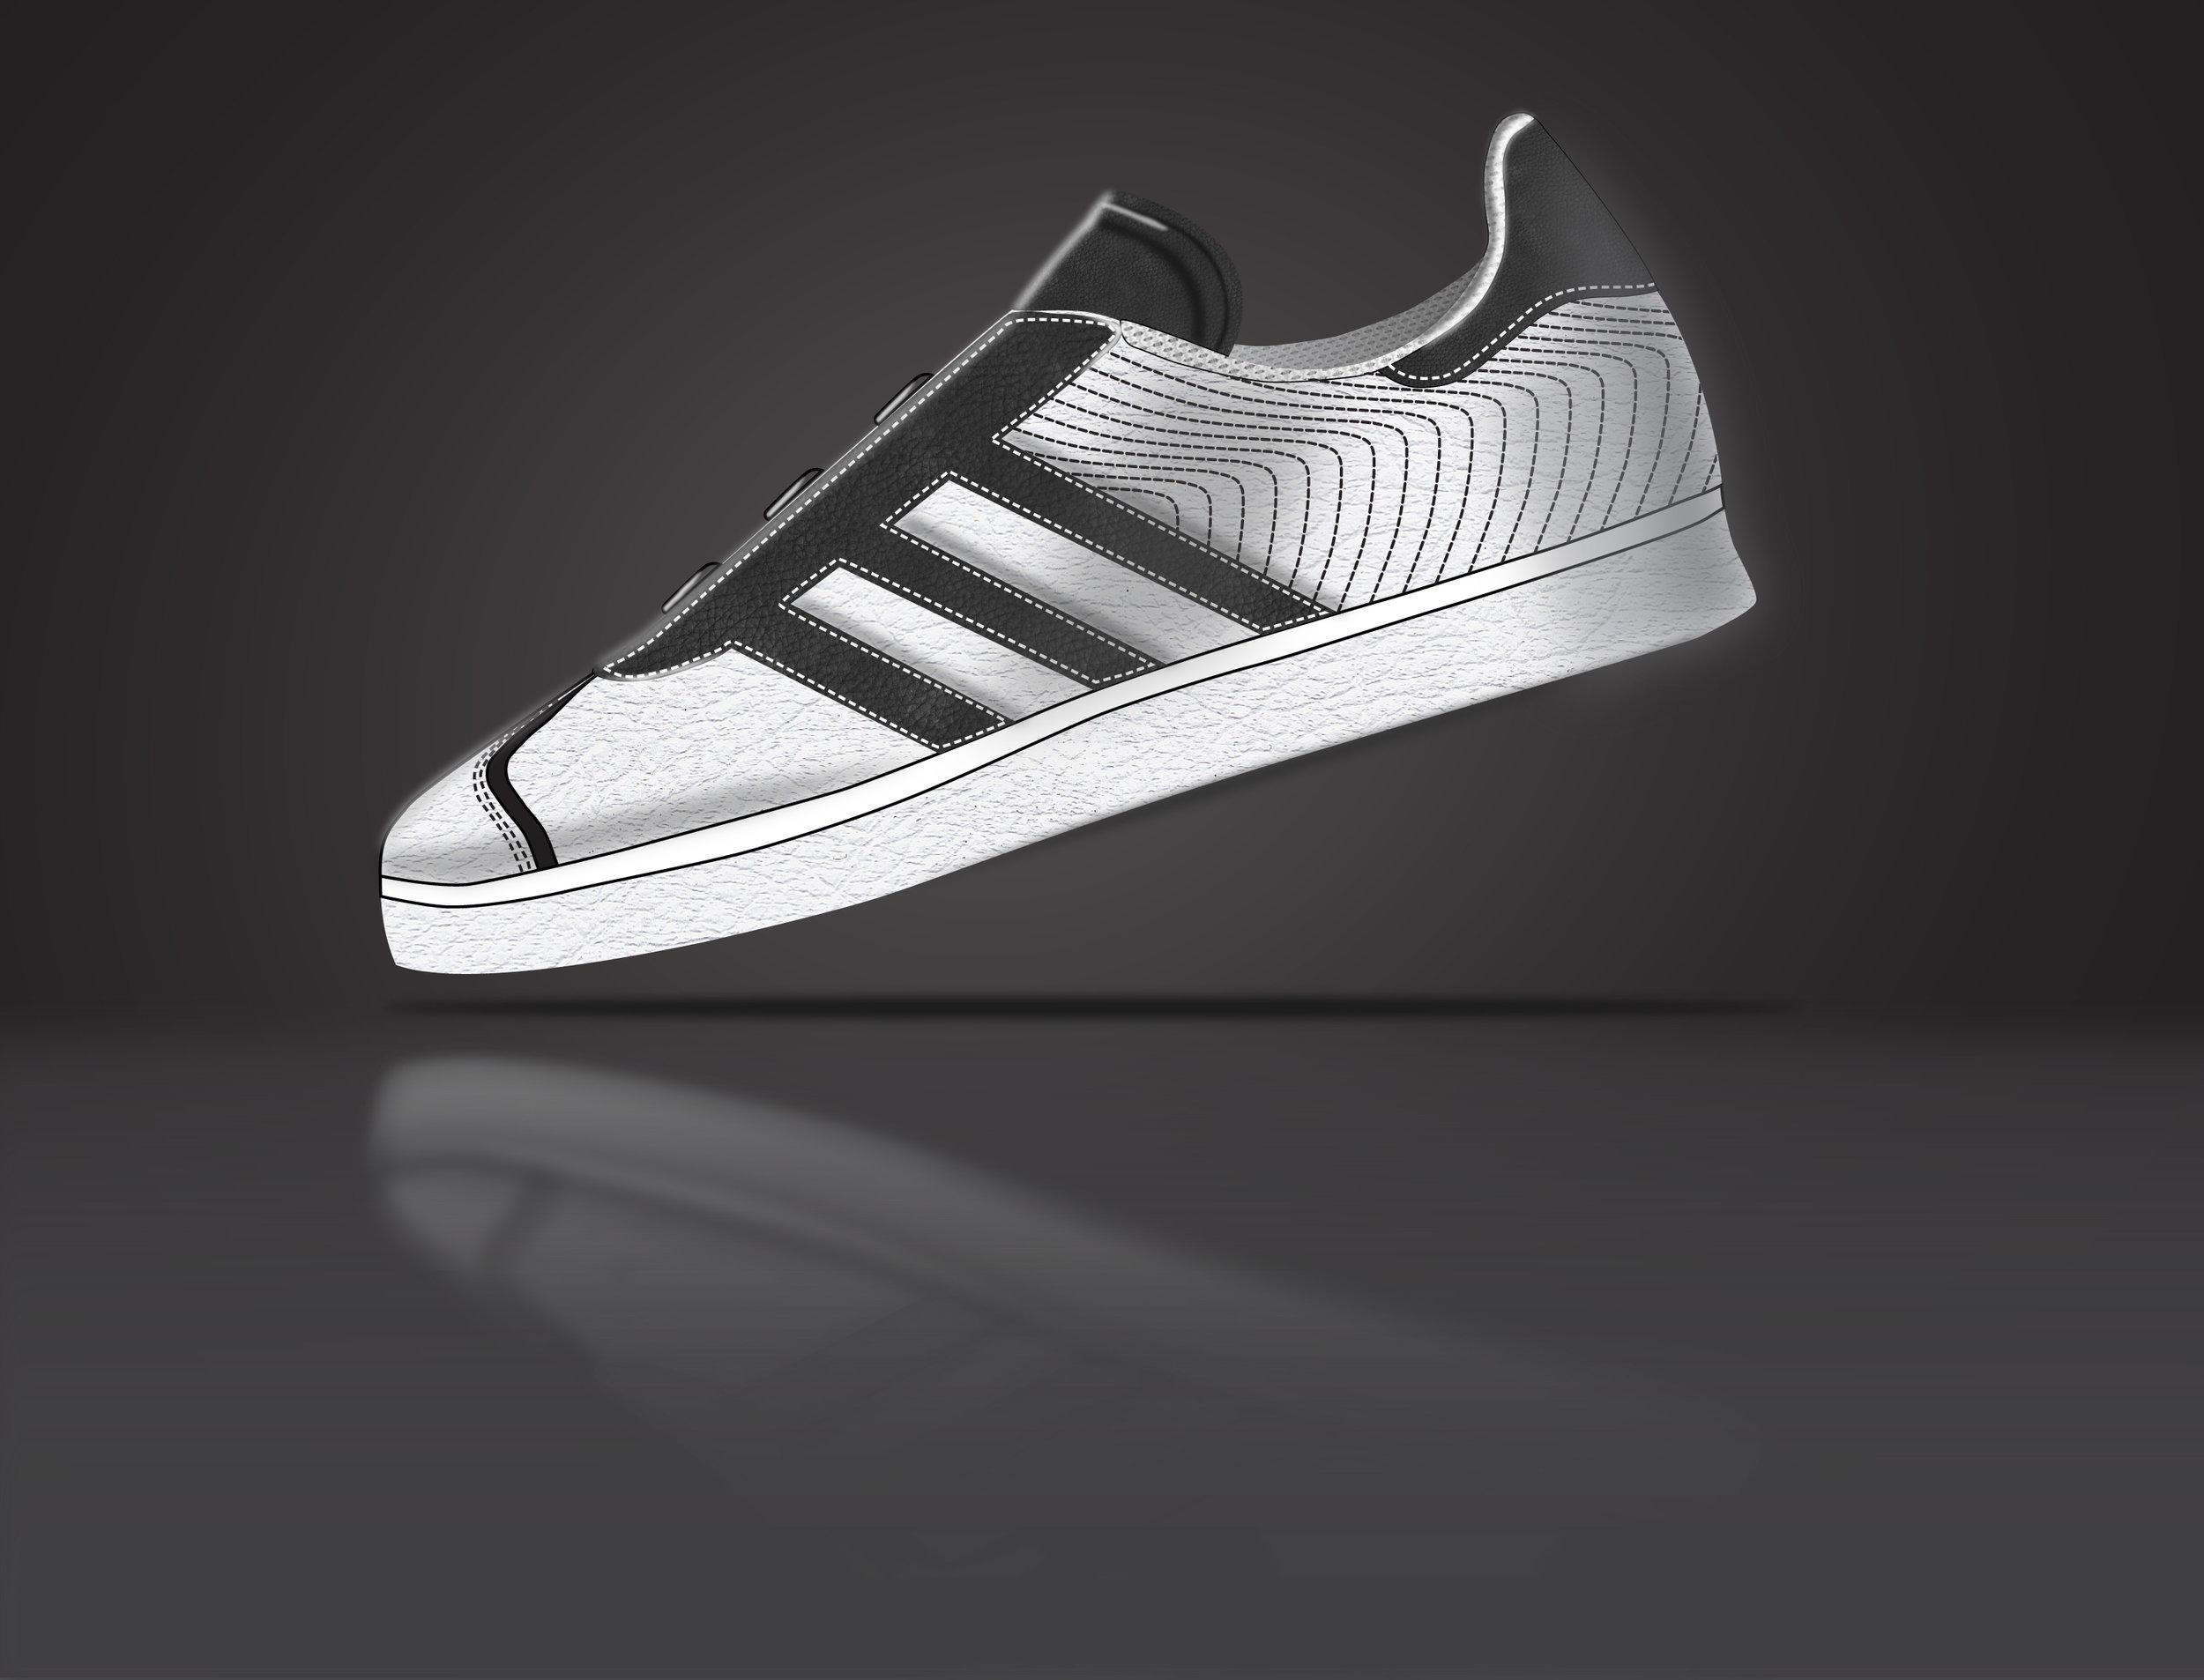 Shoe_design_CMF_Variations_2-01.jpg